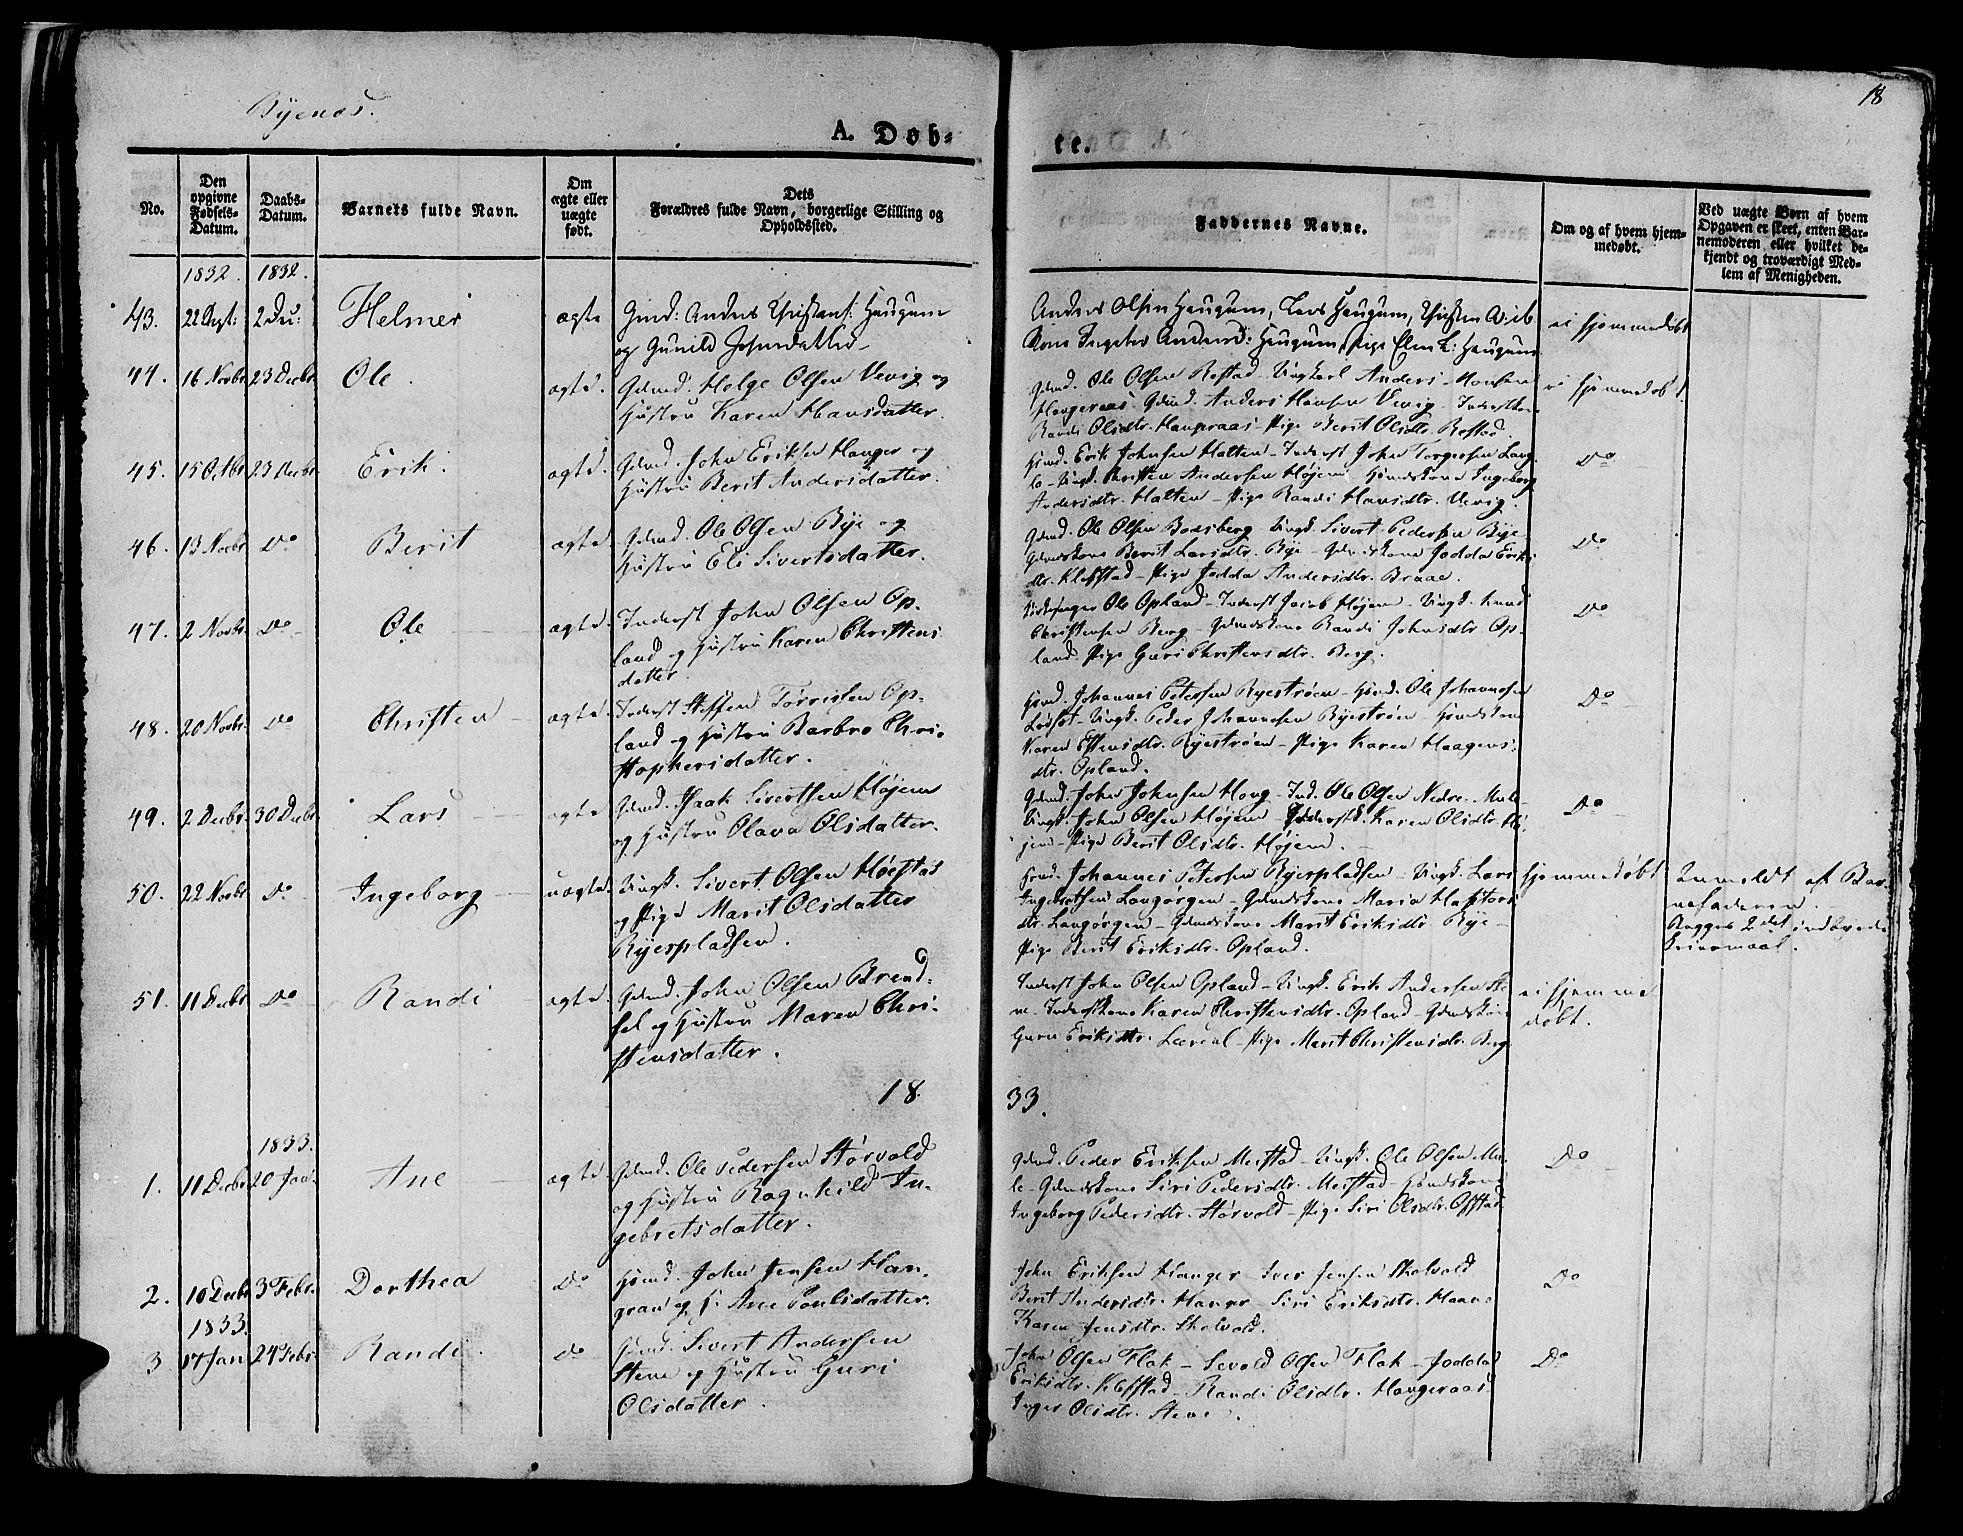 SAT, Ministerialprotokoller, klokkerbøker og fødselsregistre - Sør-Trøndelag, 612/L0374: Ministerialbok nr. 612A07 /1, 1829-1845, s. 18